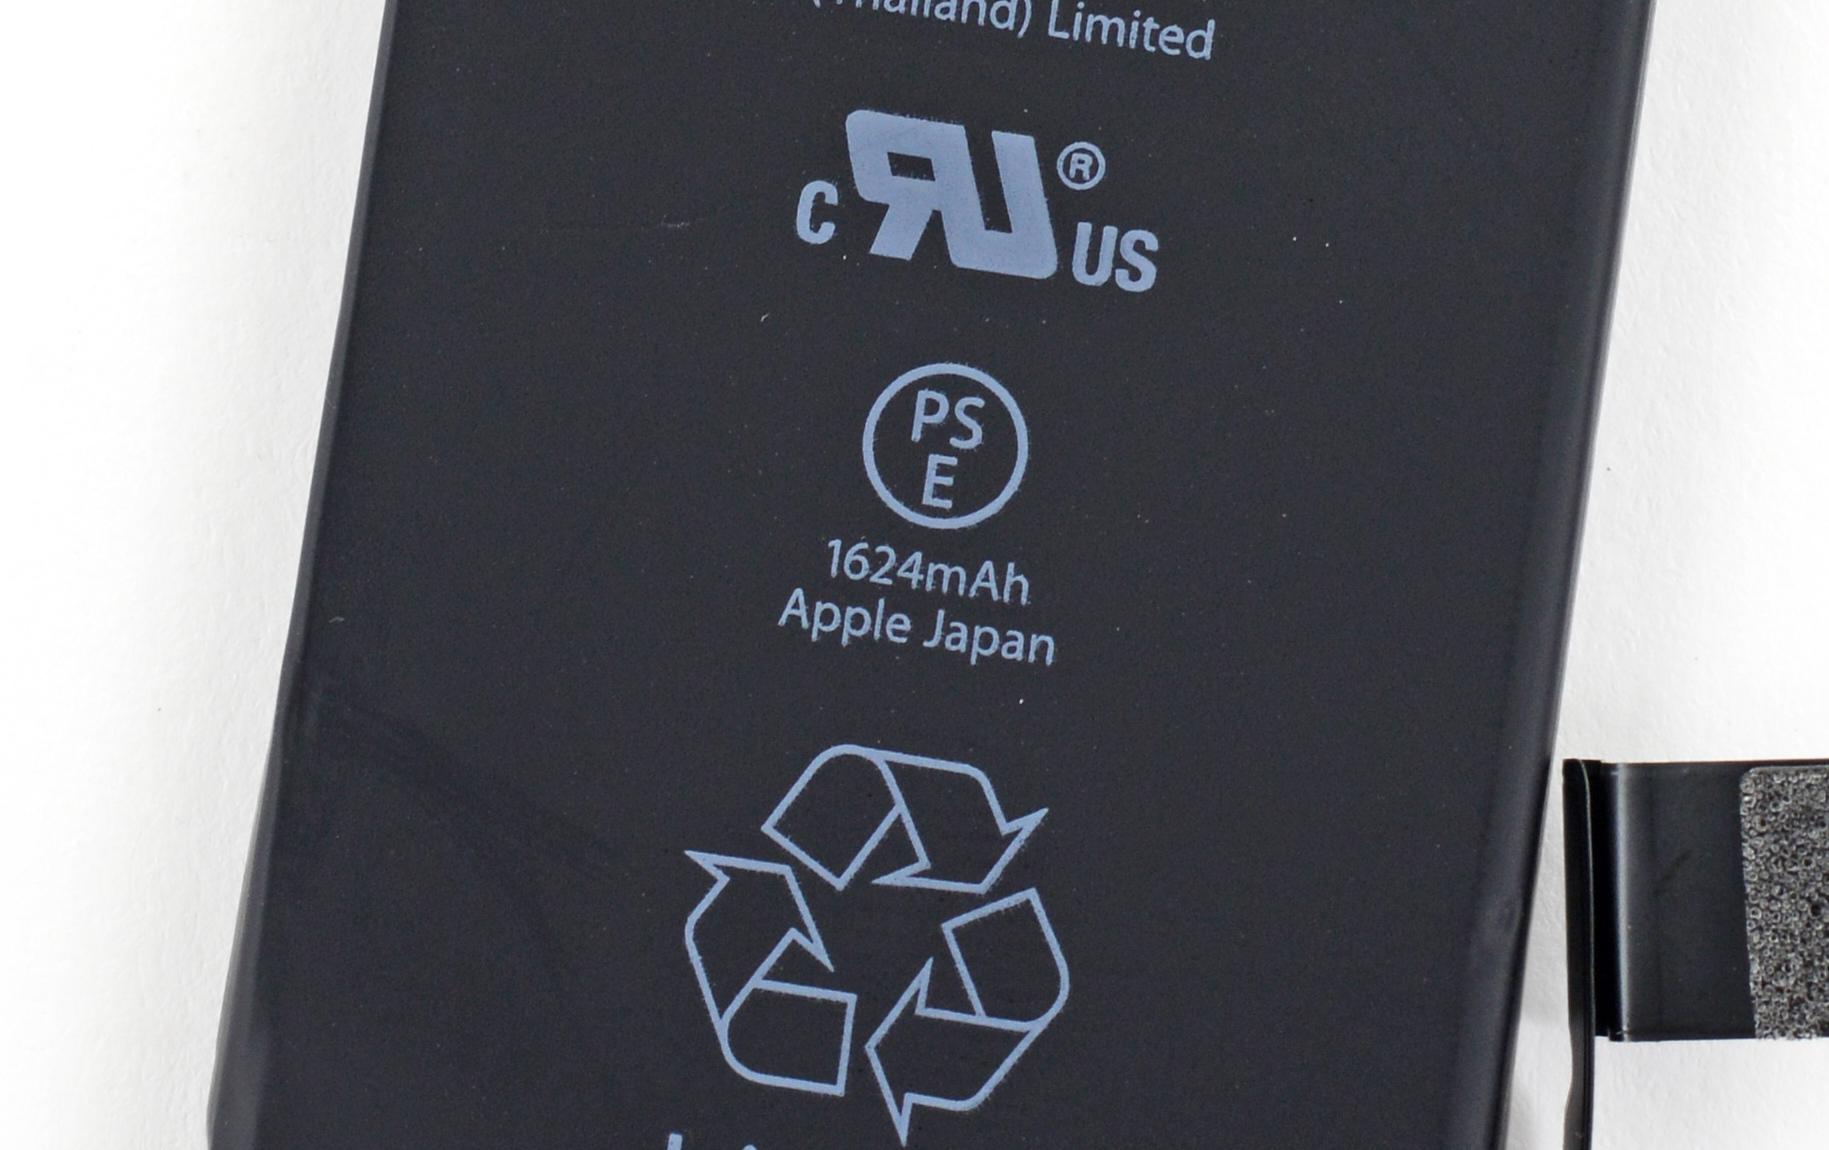 iPhone SEの電池容量は1,624mAh。4インチ史上最高の電池持ちを実現